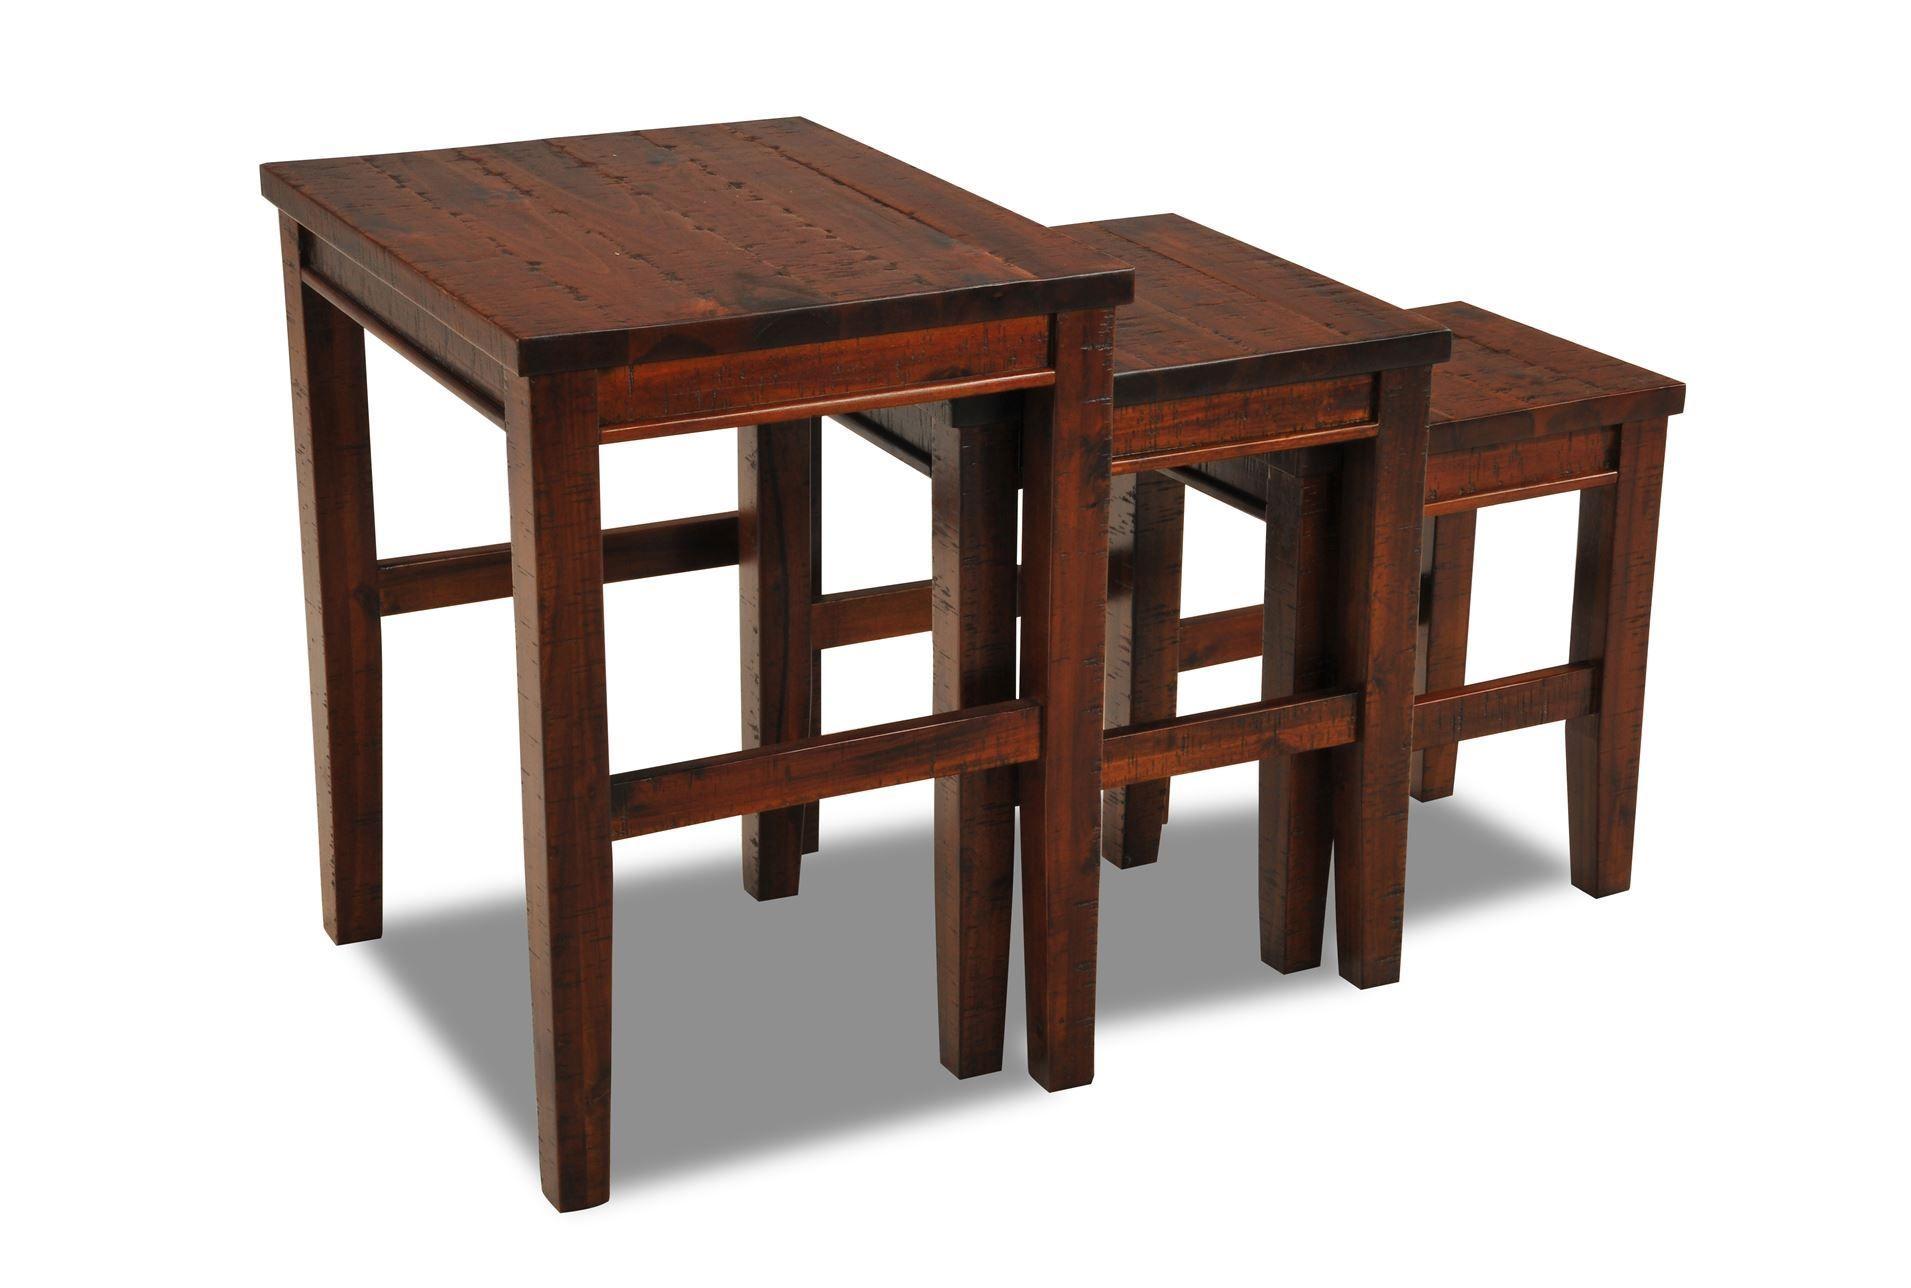 Nesting Tables With Wheels Nesting Tables Wood Nesting  : dd98deeebb189ed81c46926c5bb171db from mpfmpf.com size 1911 x 1288 jpeg 140kB